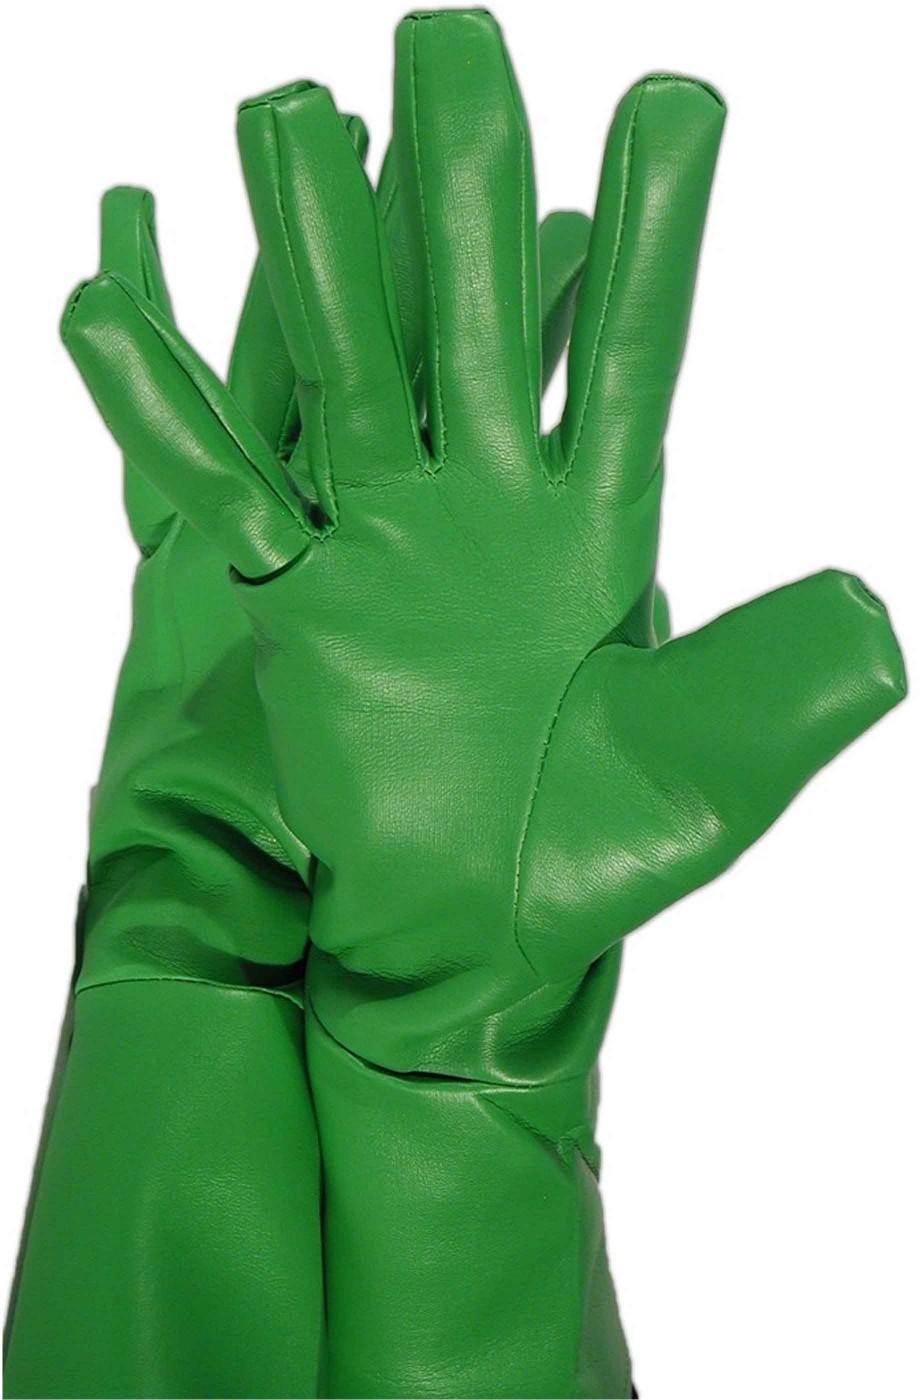 Guanti per super eroi verdi